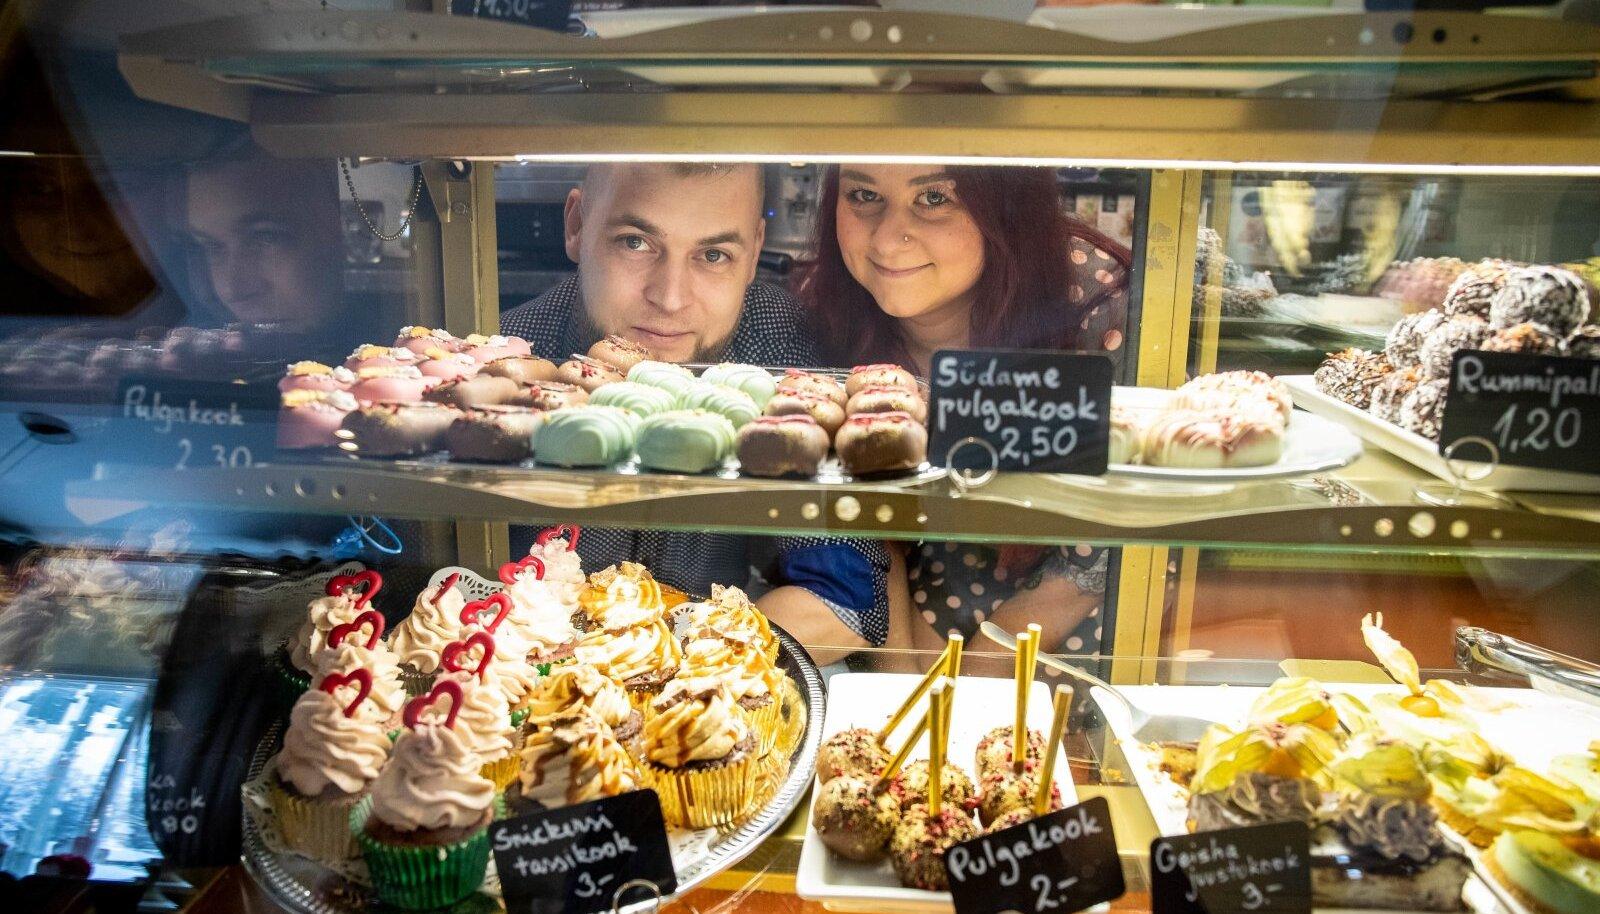 Indrek ja Kristina Noorsalu kohvi- ja koogipoes Karamell saab esmalt silma nuumata.